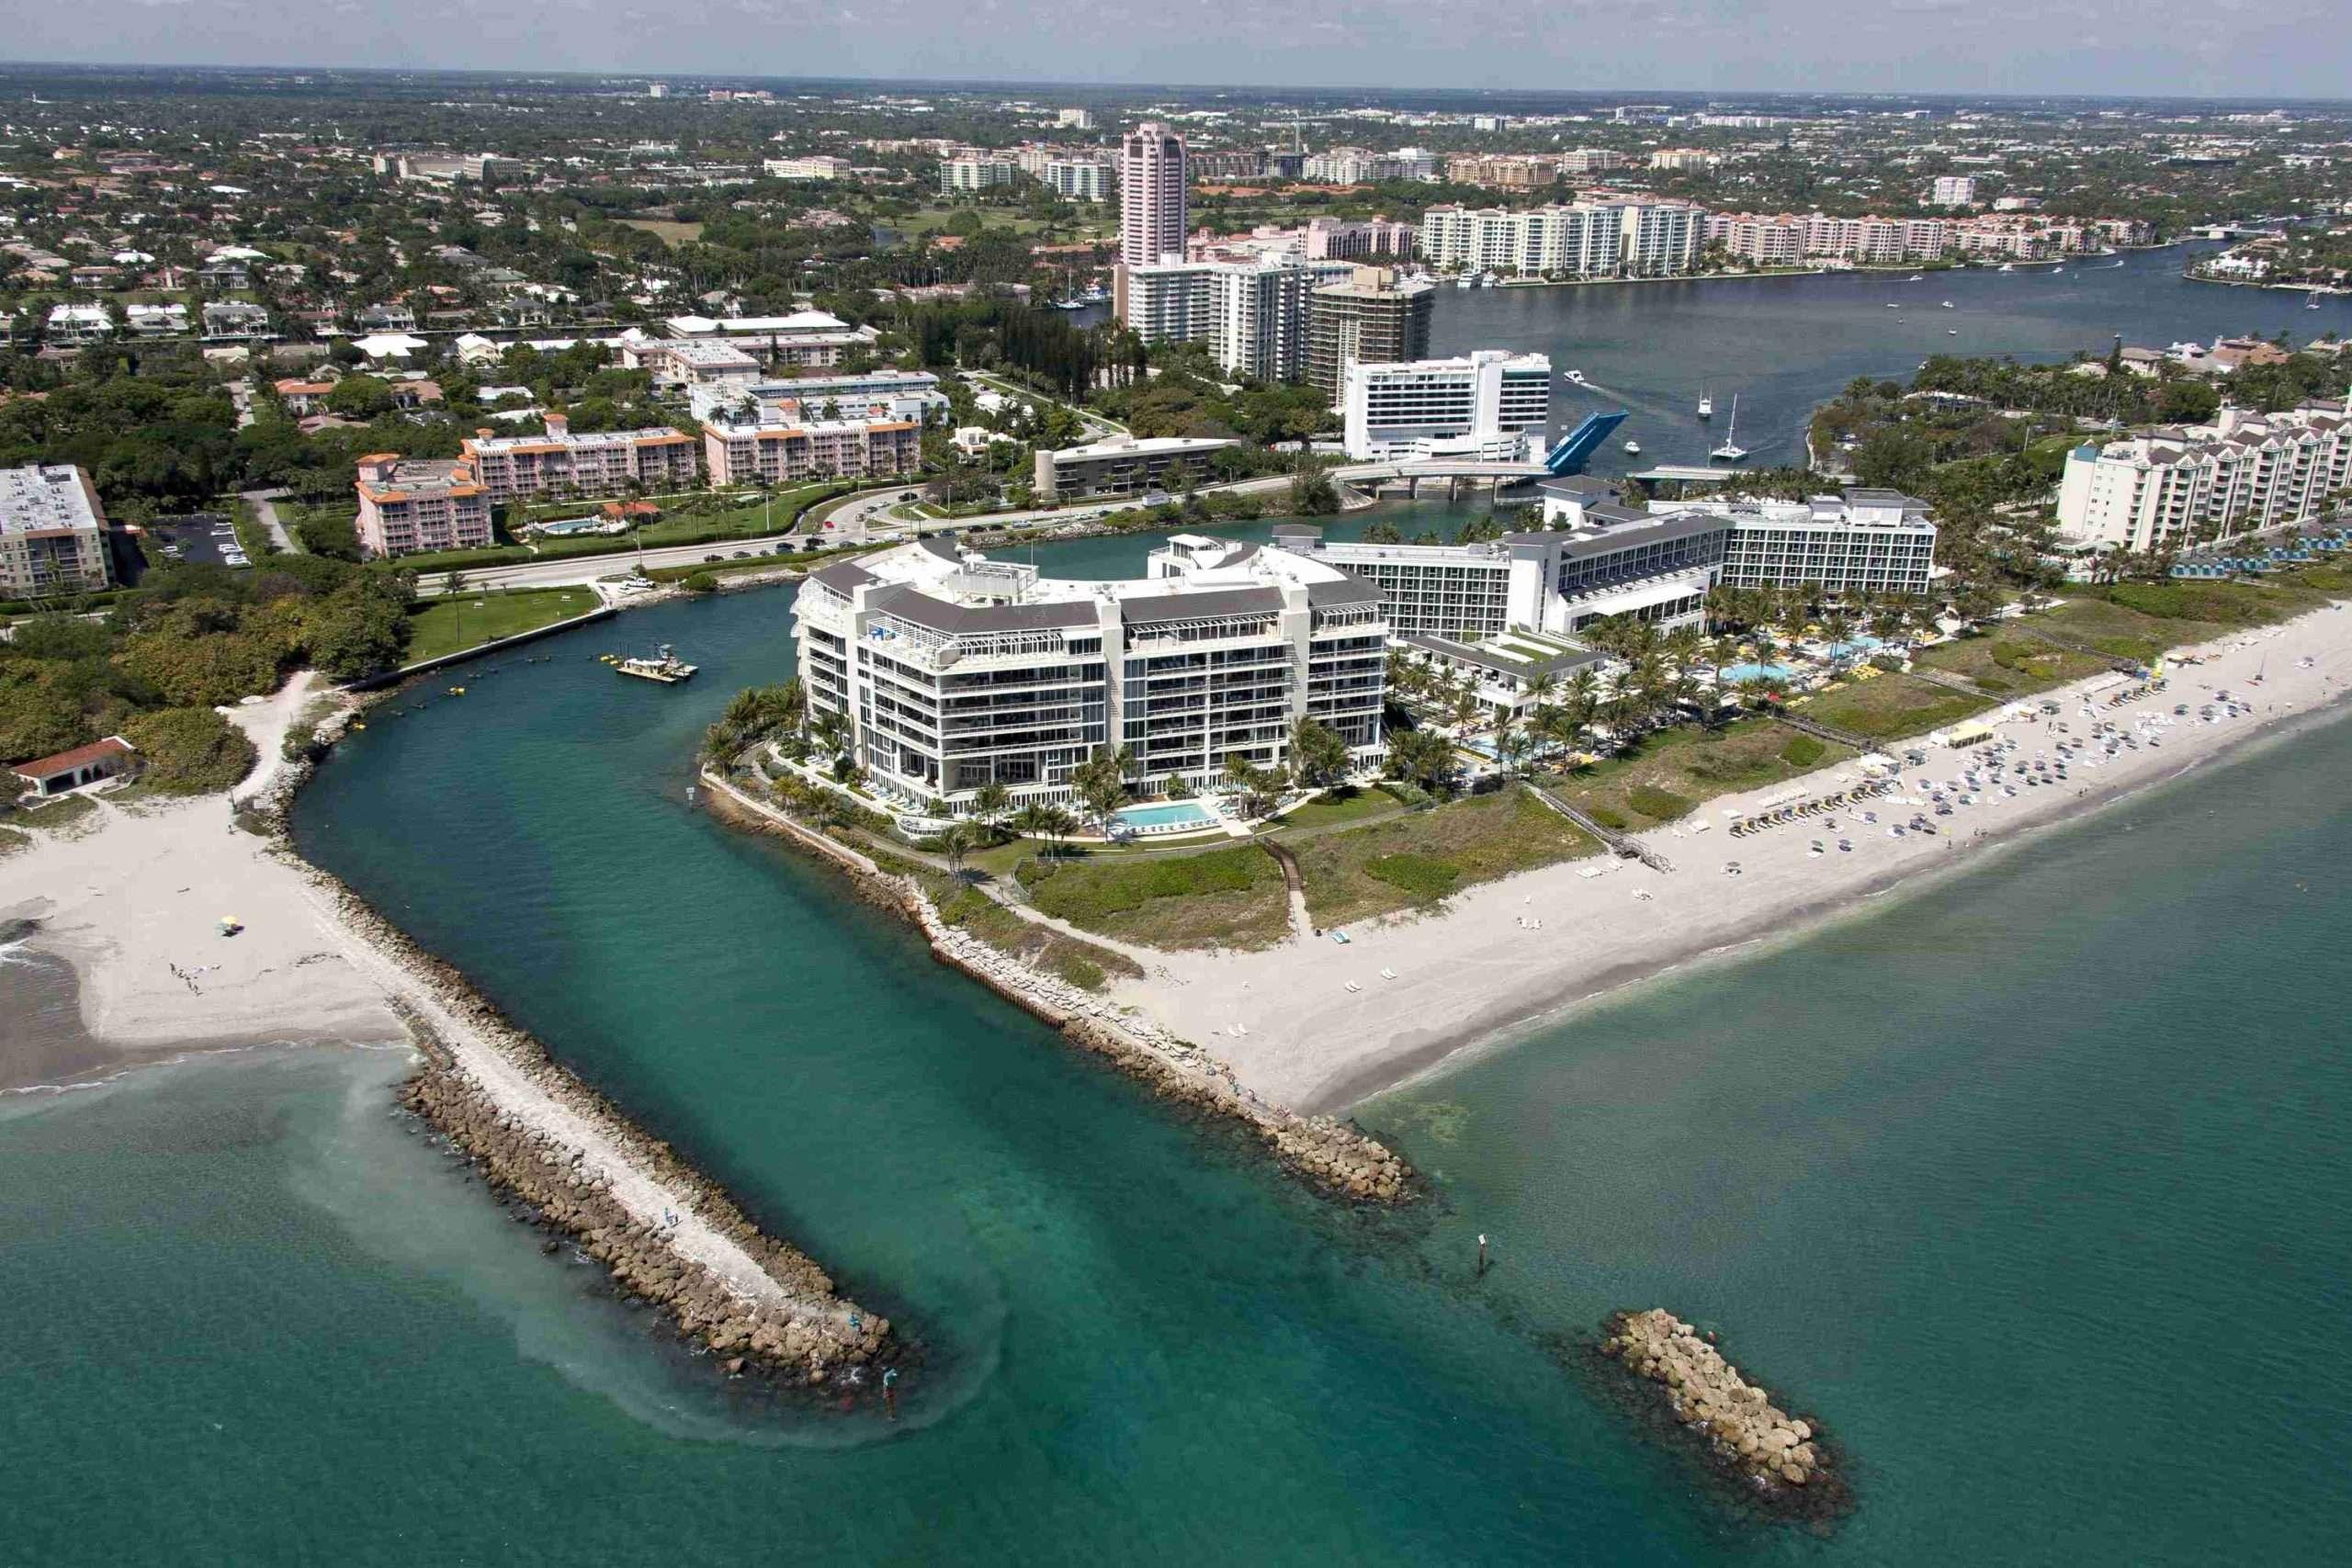 Pensando em sair do país? Veja 5 motivos para morar em Boca Raton